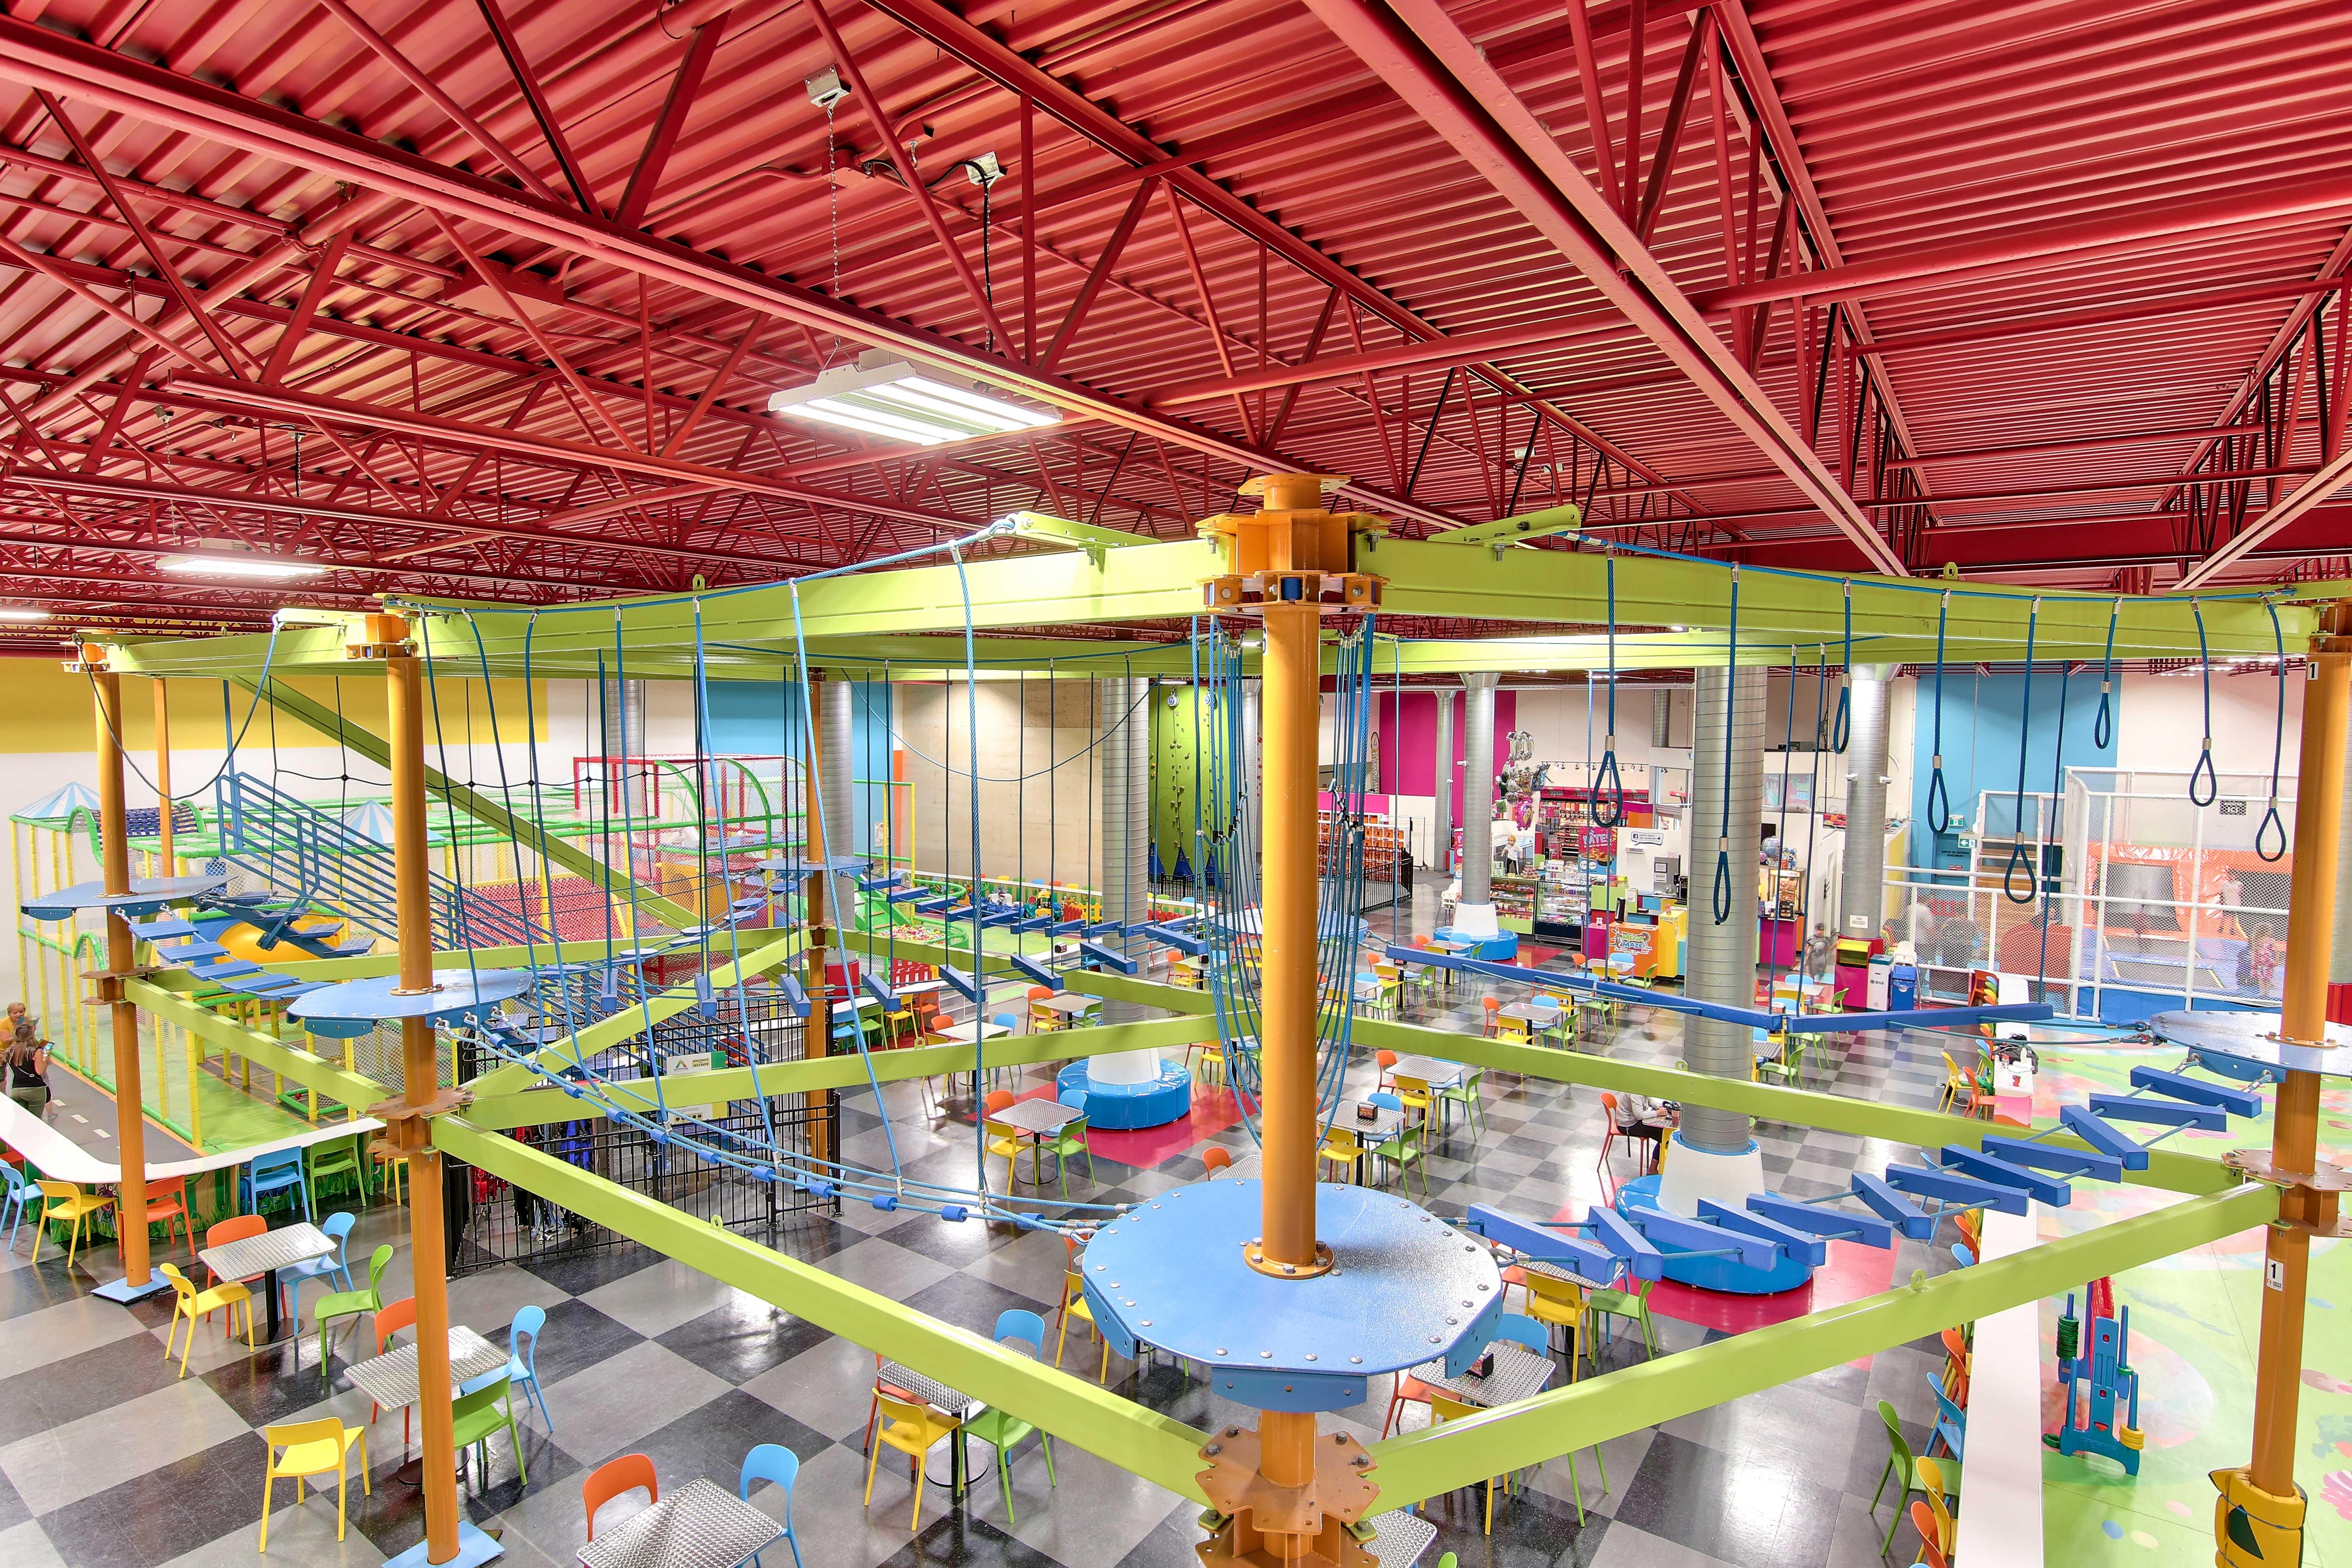 parcours aérien , activité intérieur pour enfant, activité à faire , activité familiale , centre amusement